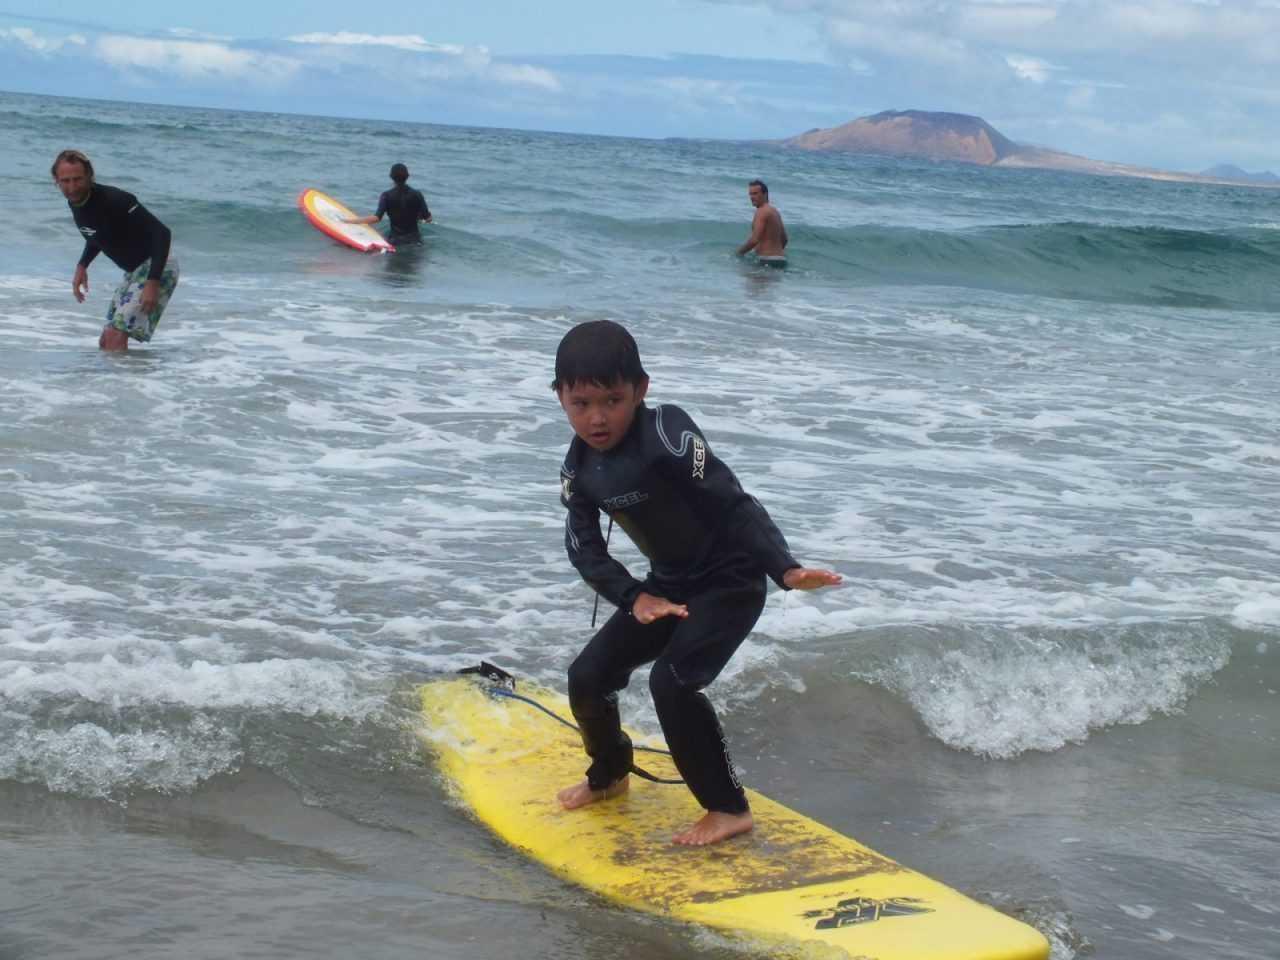 surf lesson chidren